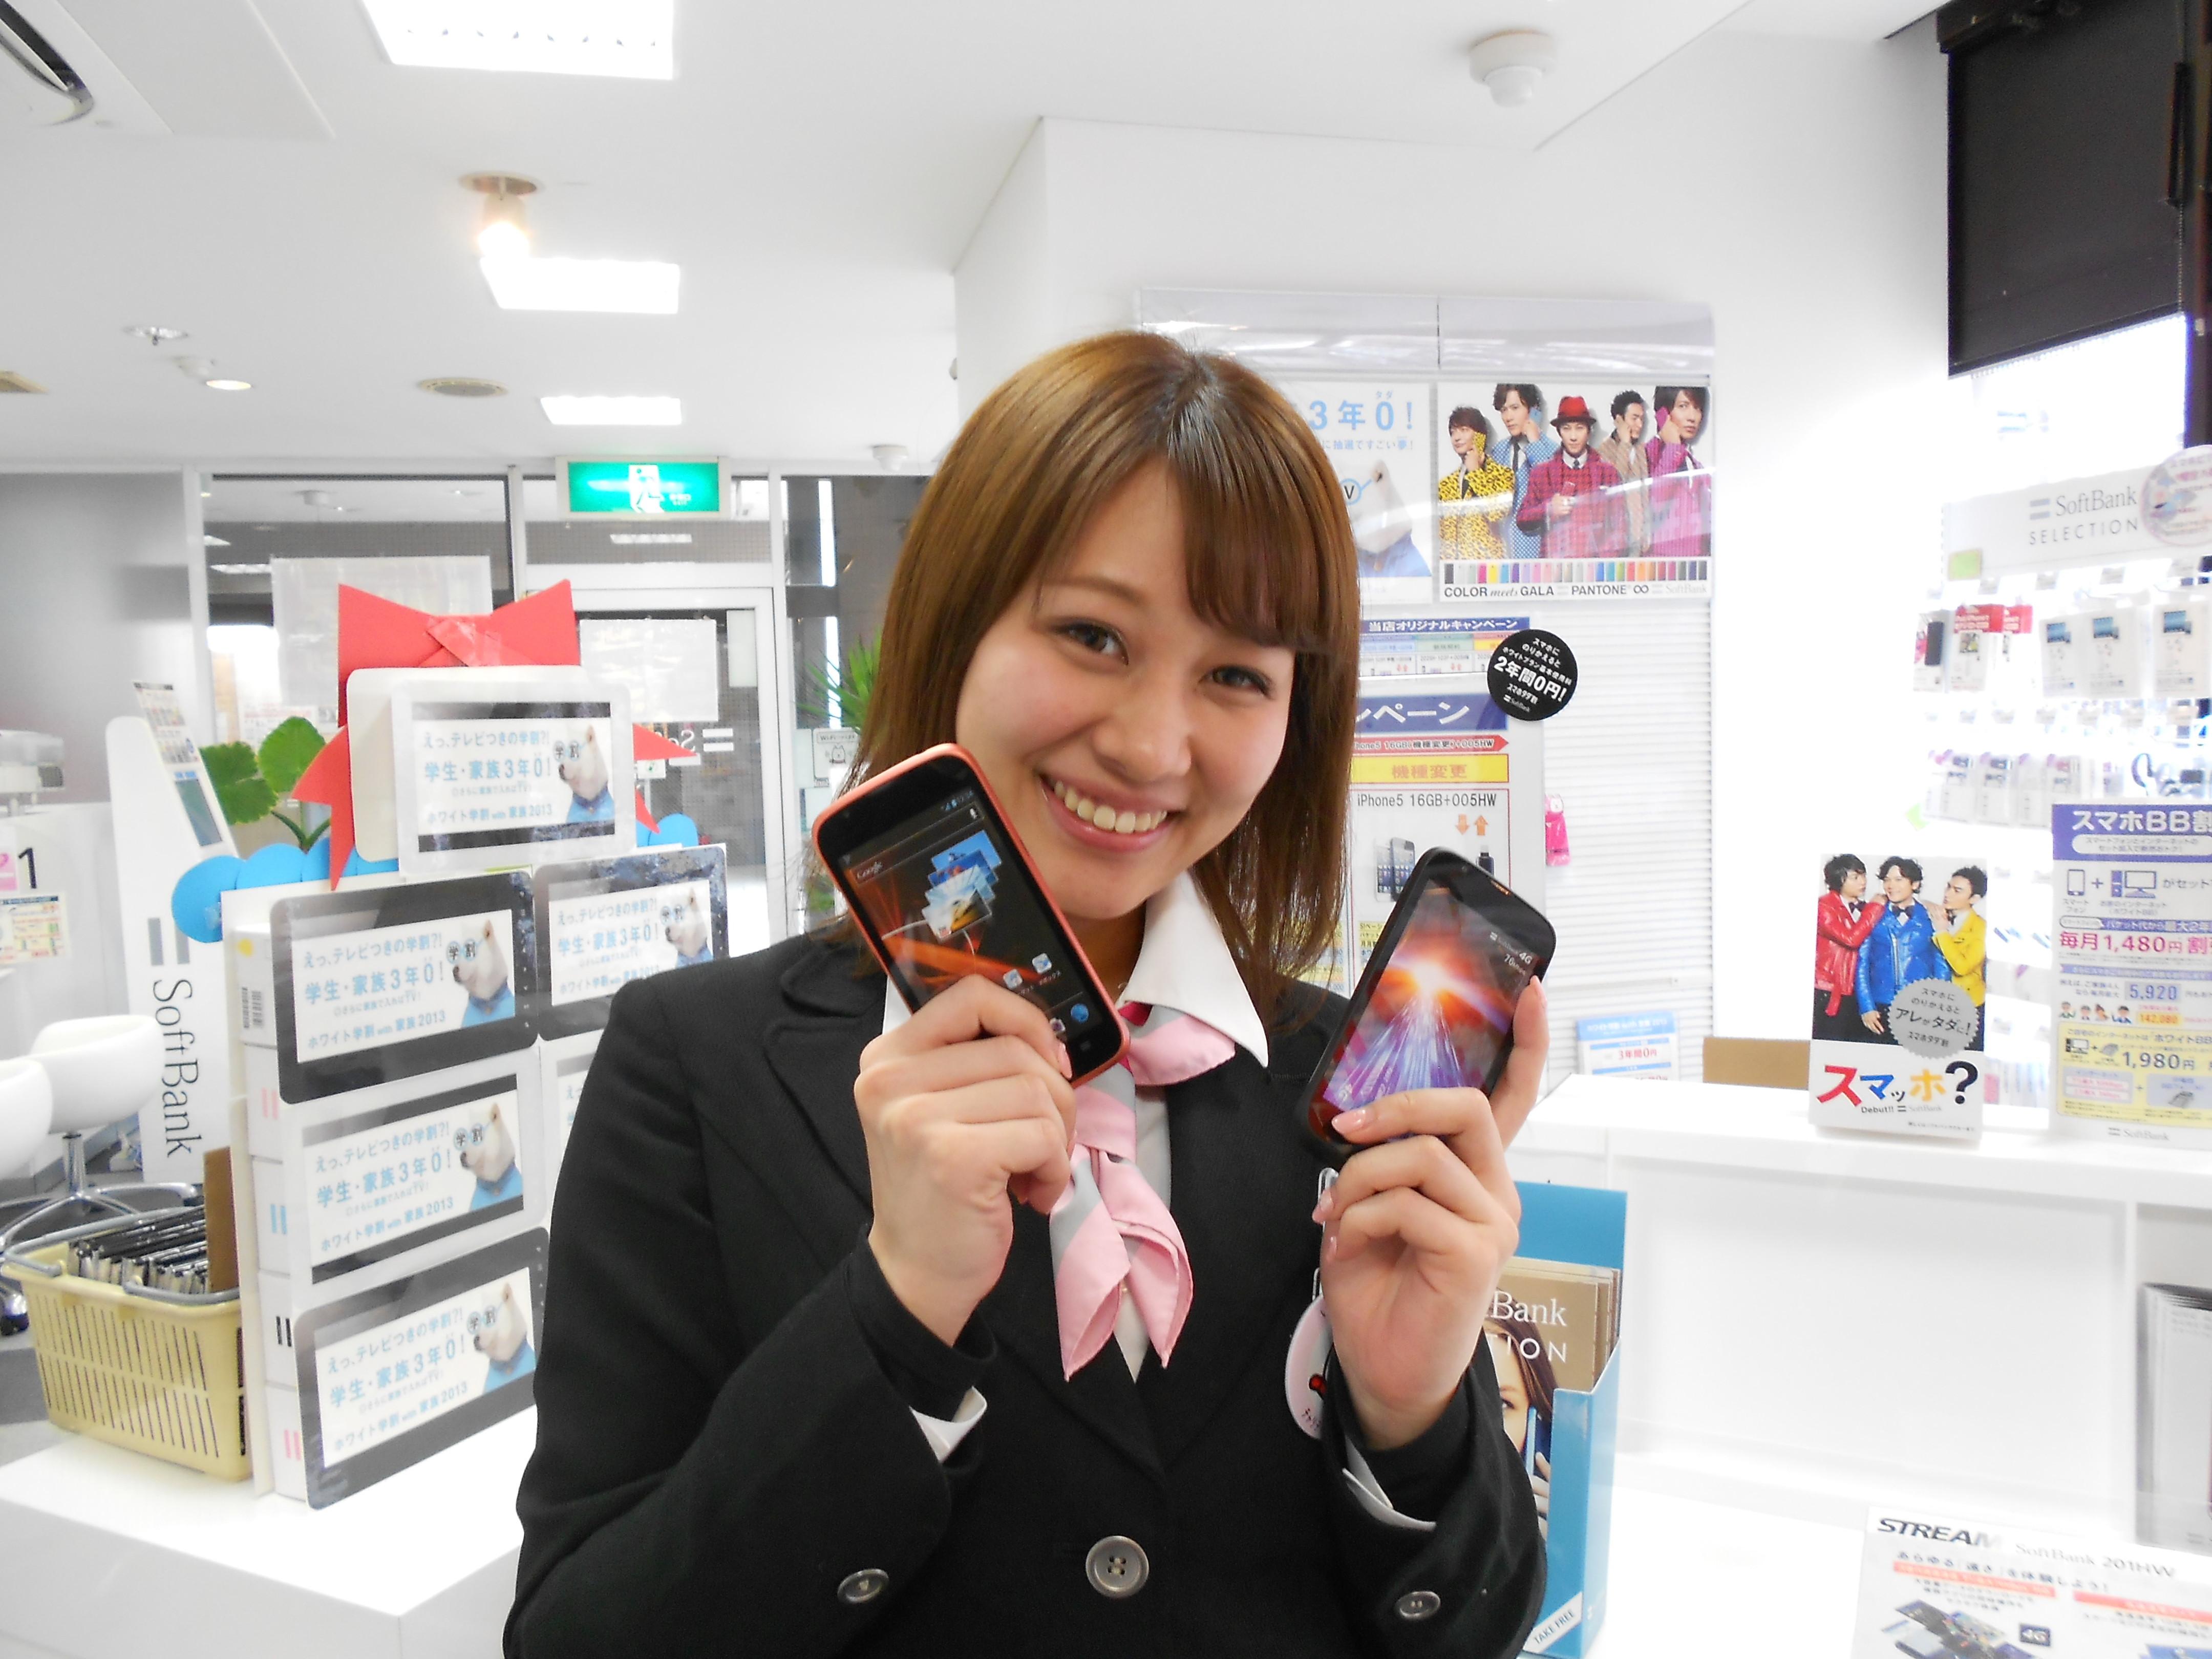 ワイモバイル 四日市(株式会社シエロ)のアルバイト情報